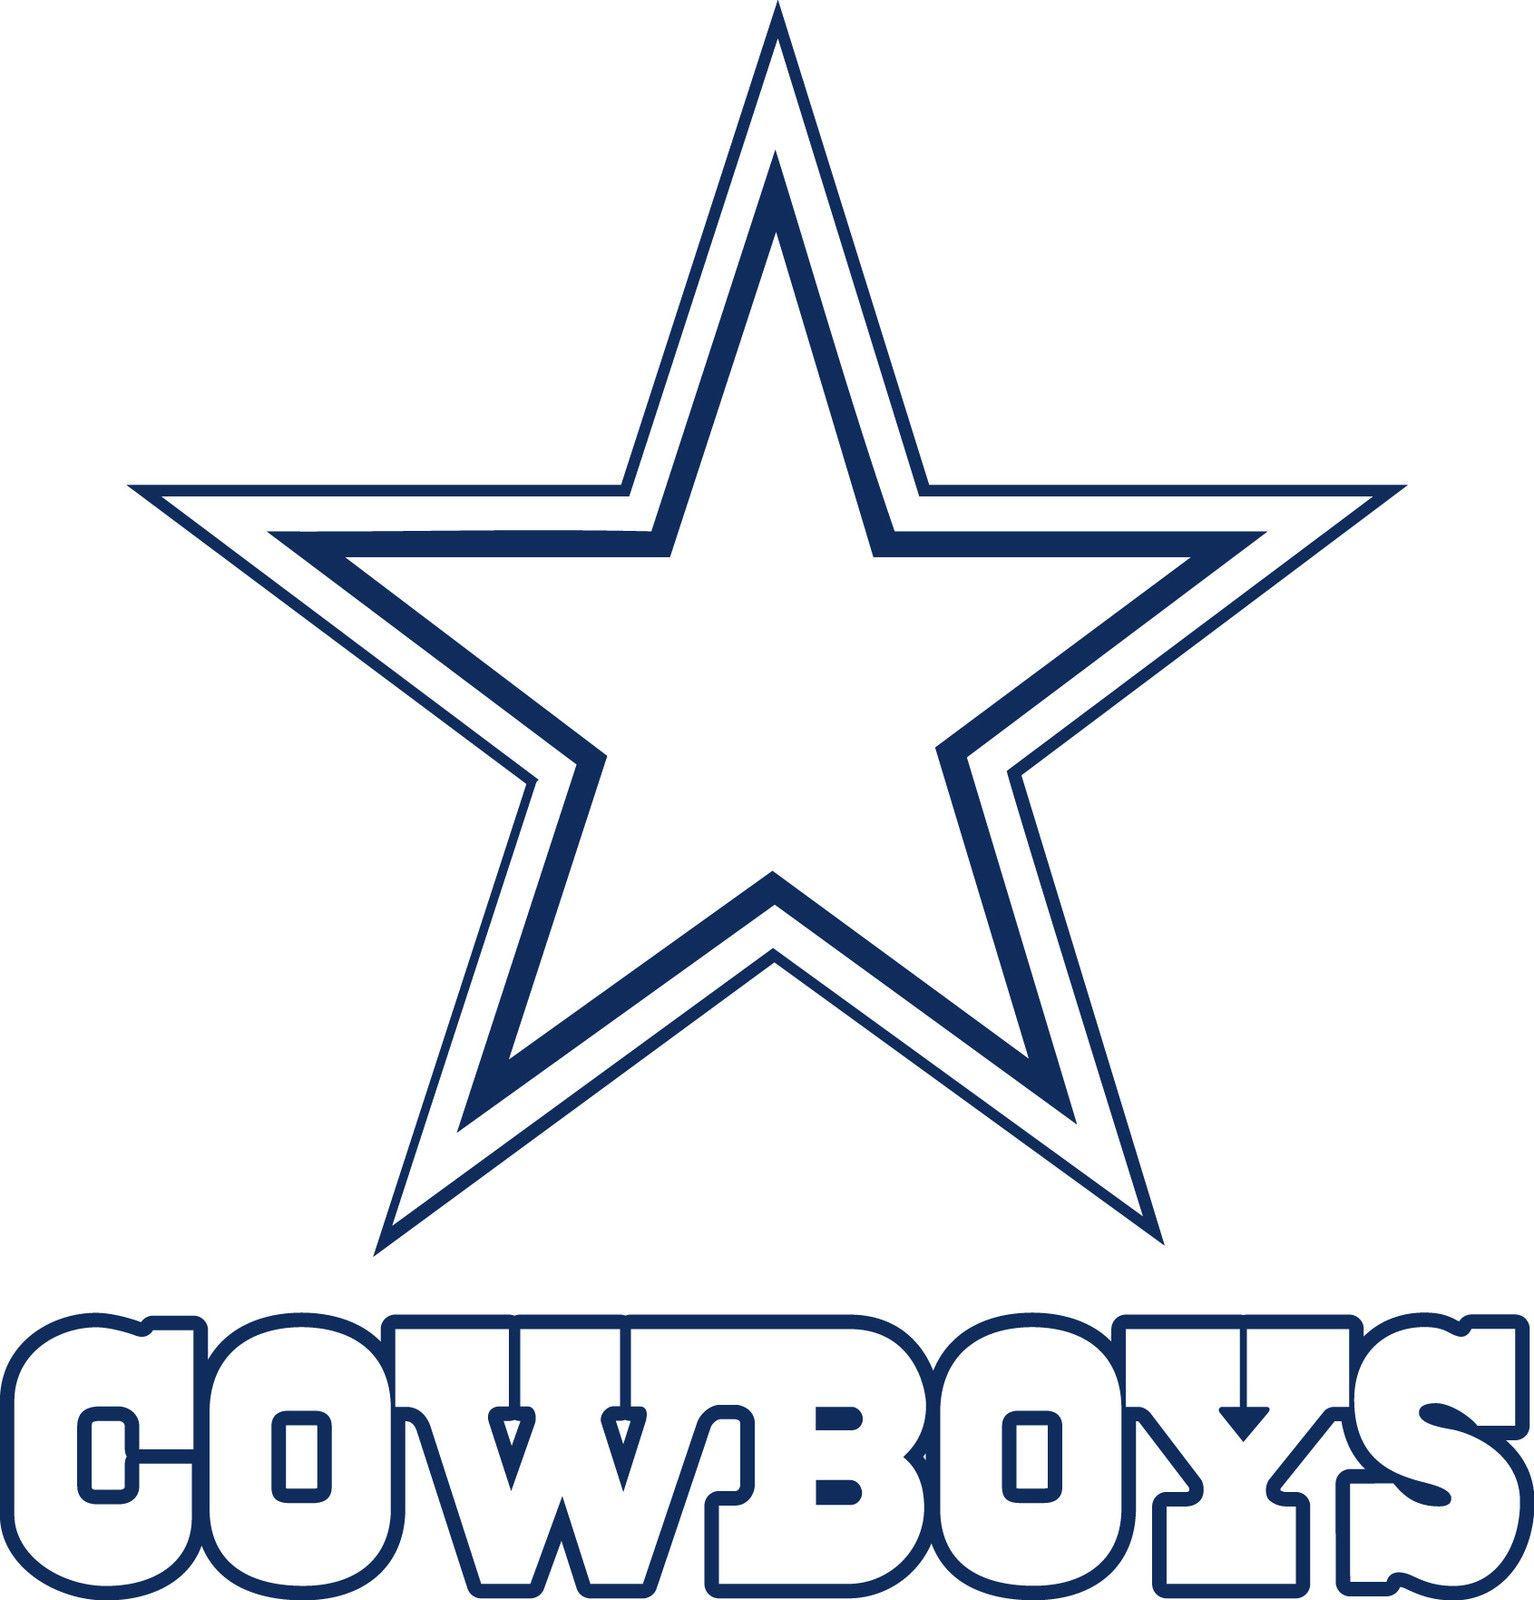 Dallas cowboys clipart sketch. Logo drawings star lo